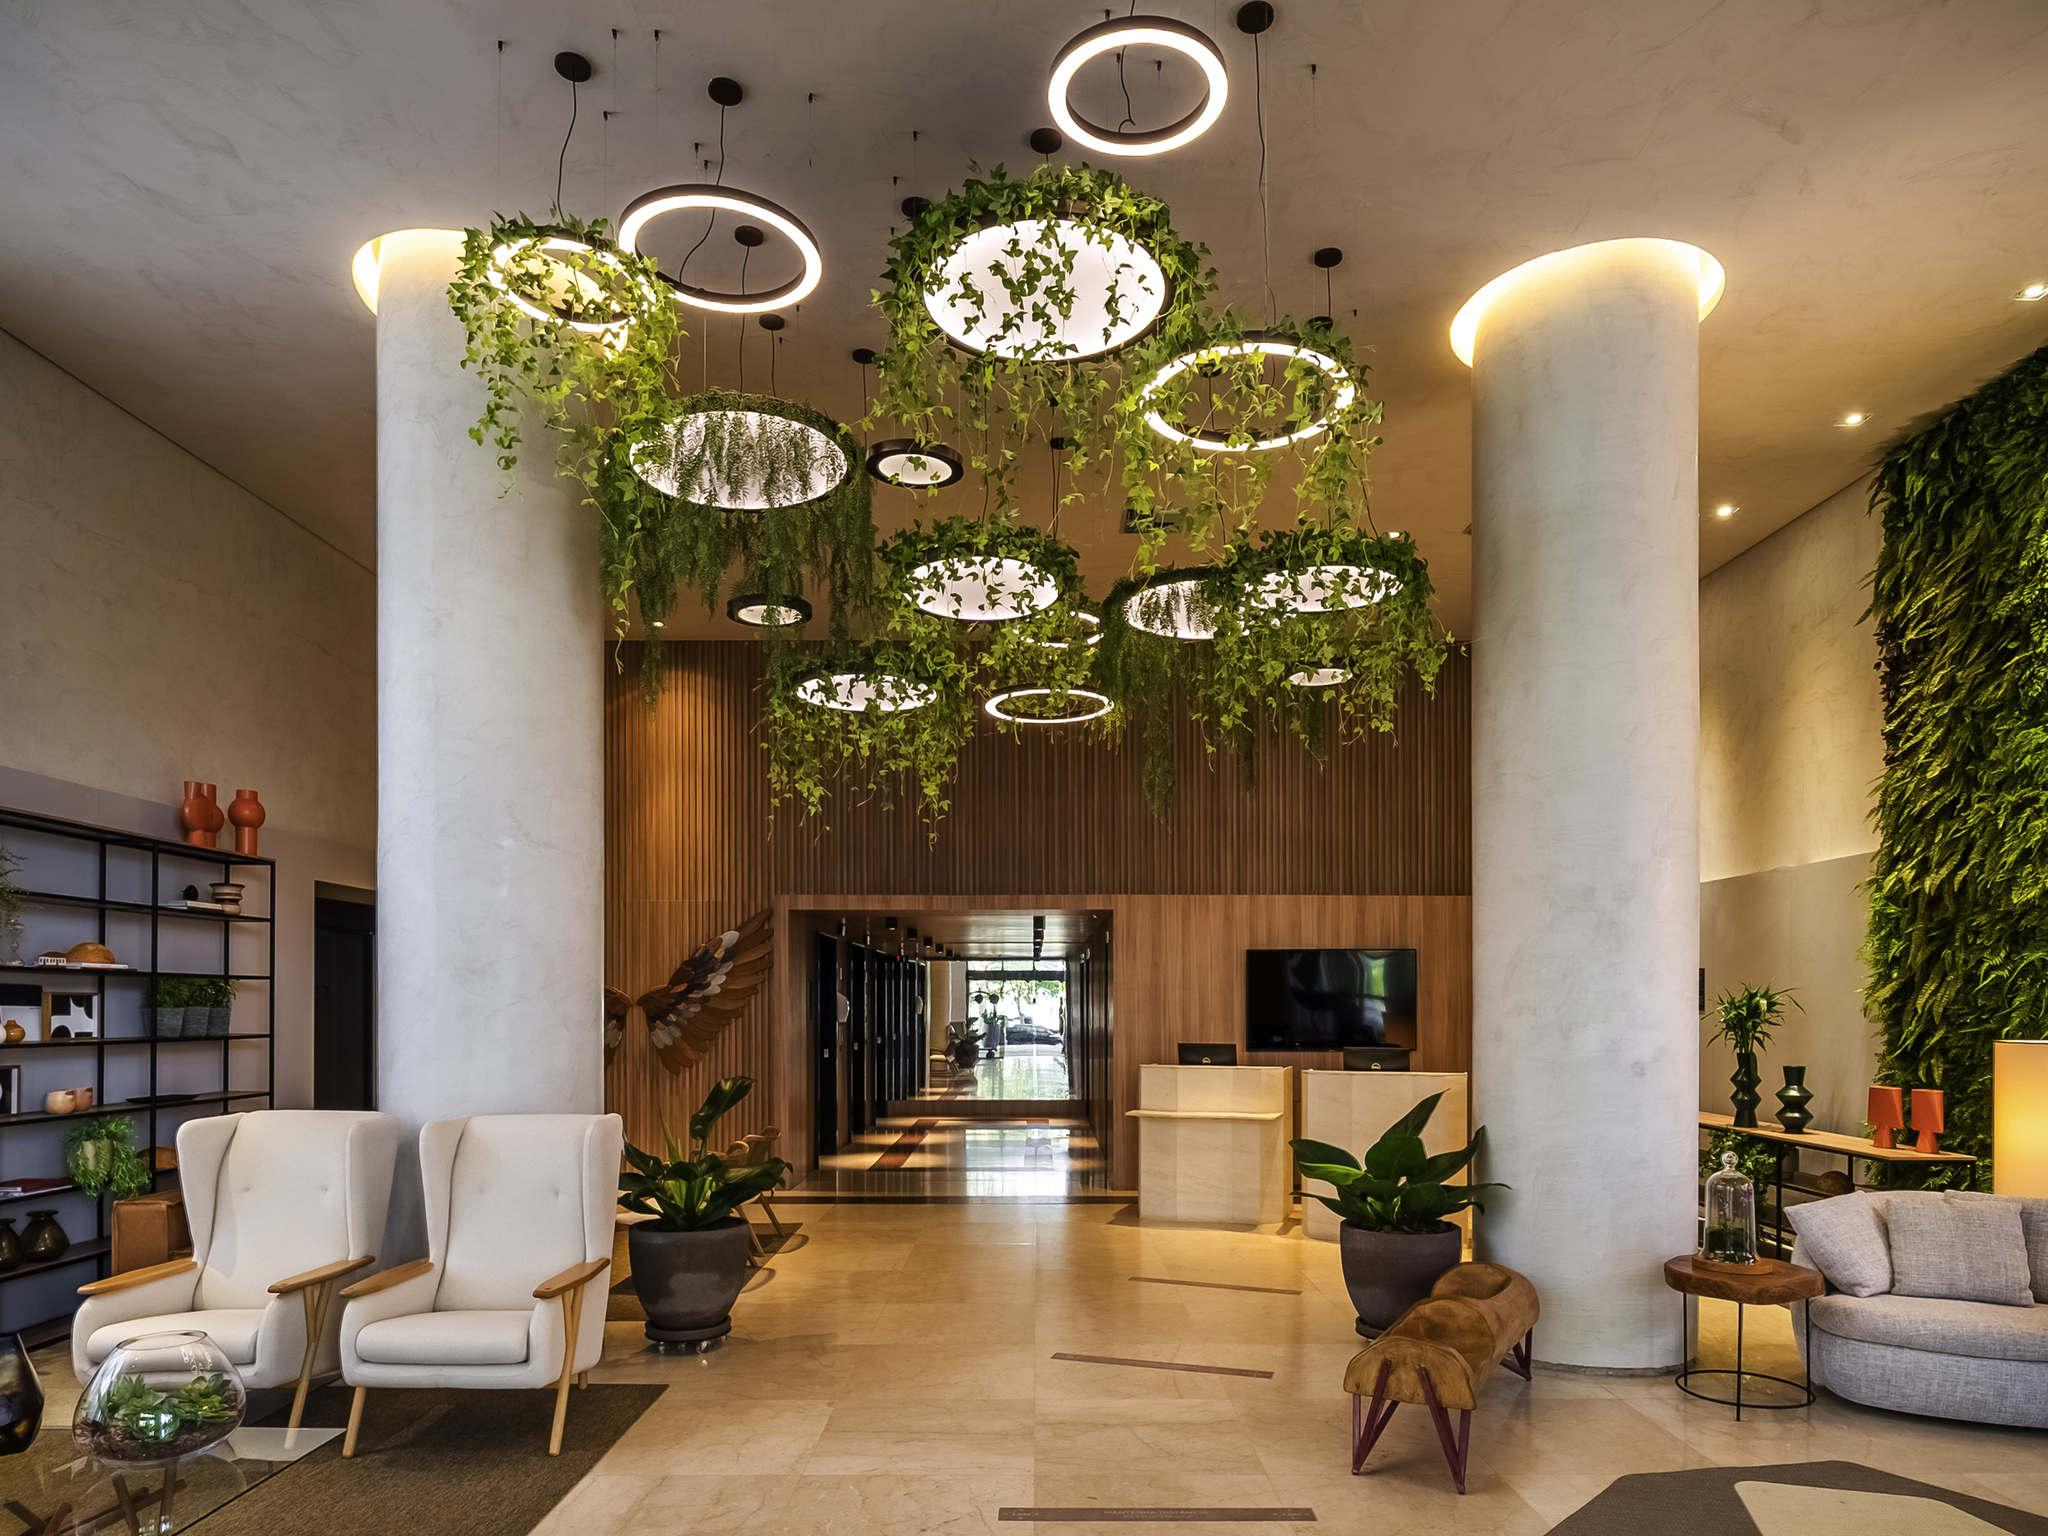 Hotel – The Capital - beheerd door AccorHotels